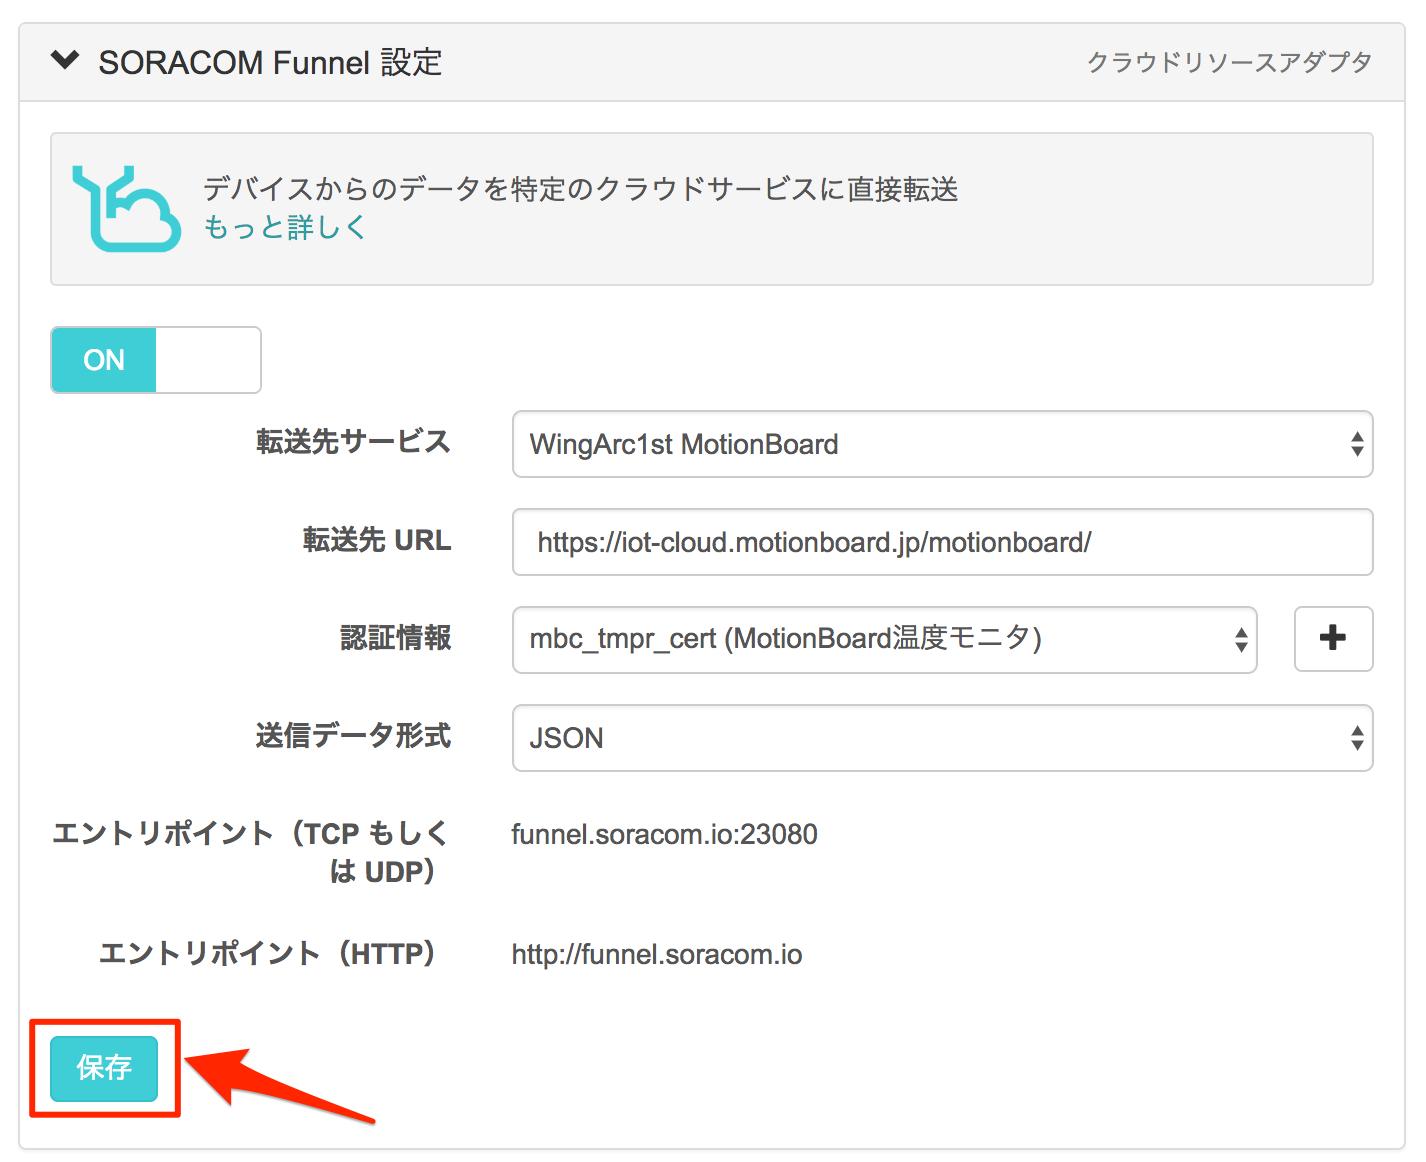 007_SIM_グループ_-_SORACOM_ユーザーコンソール.png